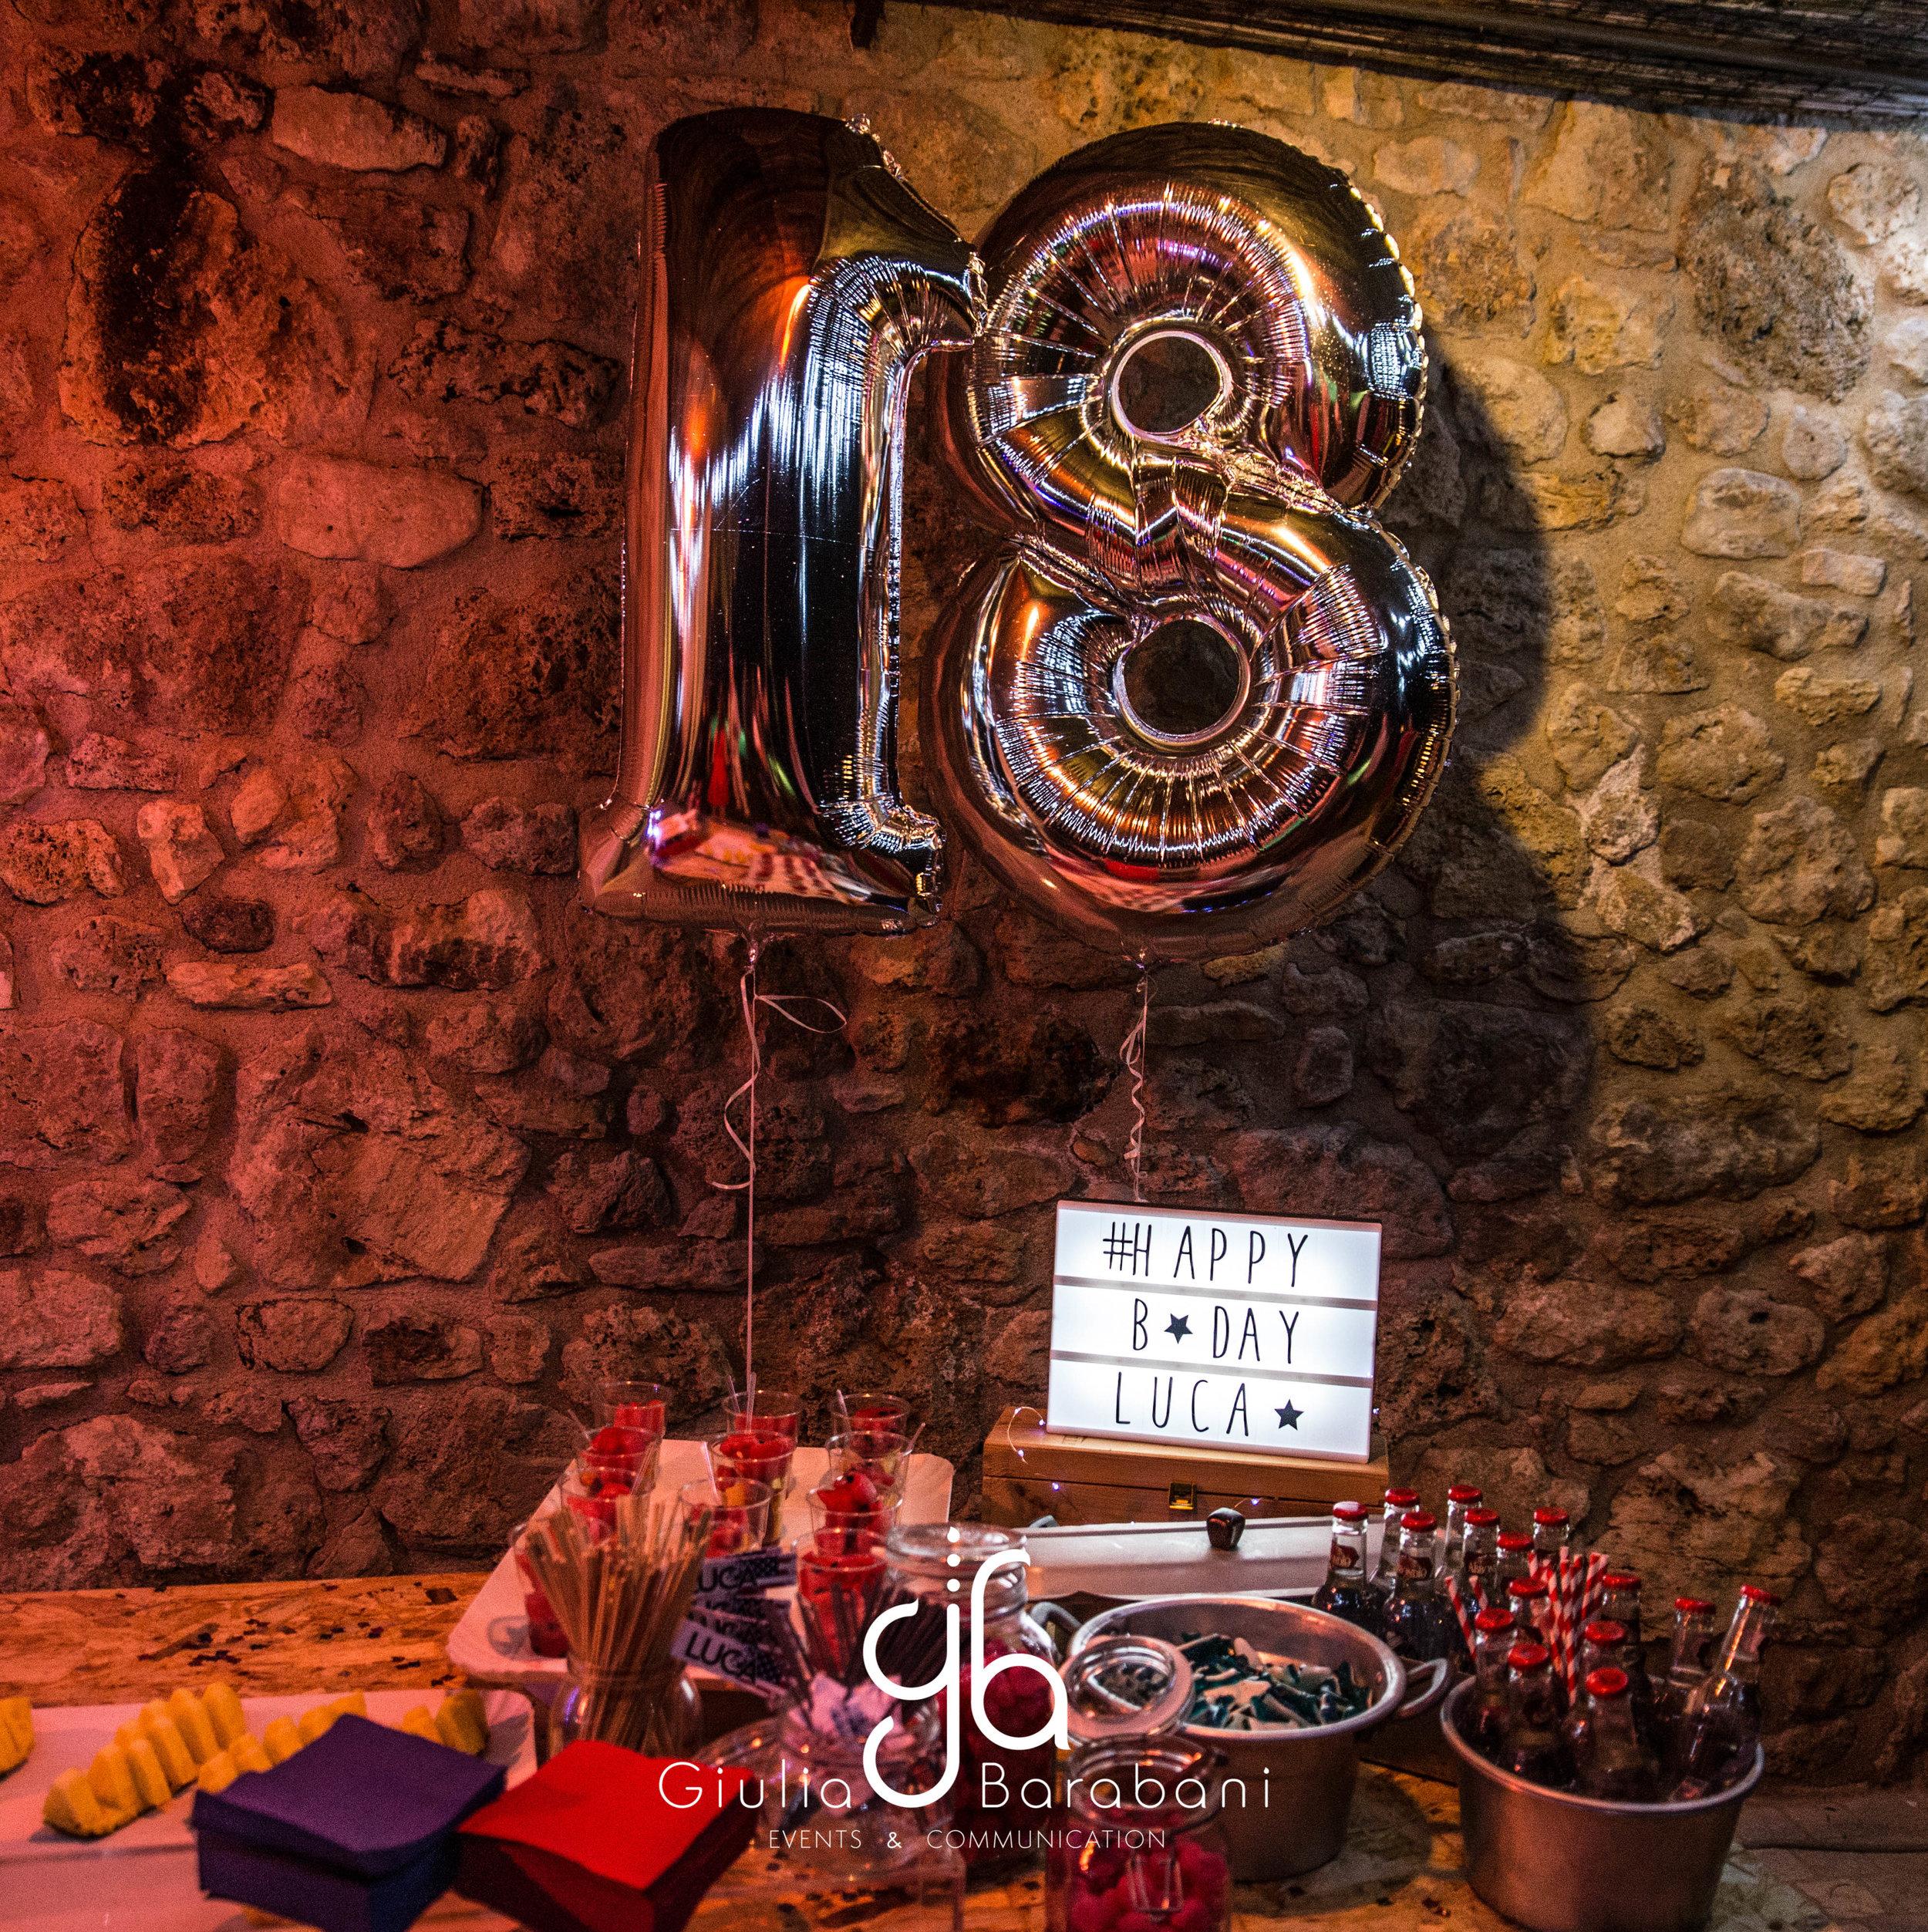 Italia+USA Party - 18 compleanno